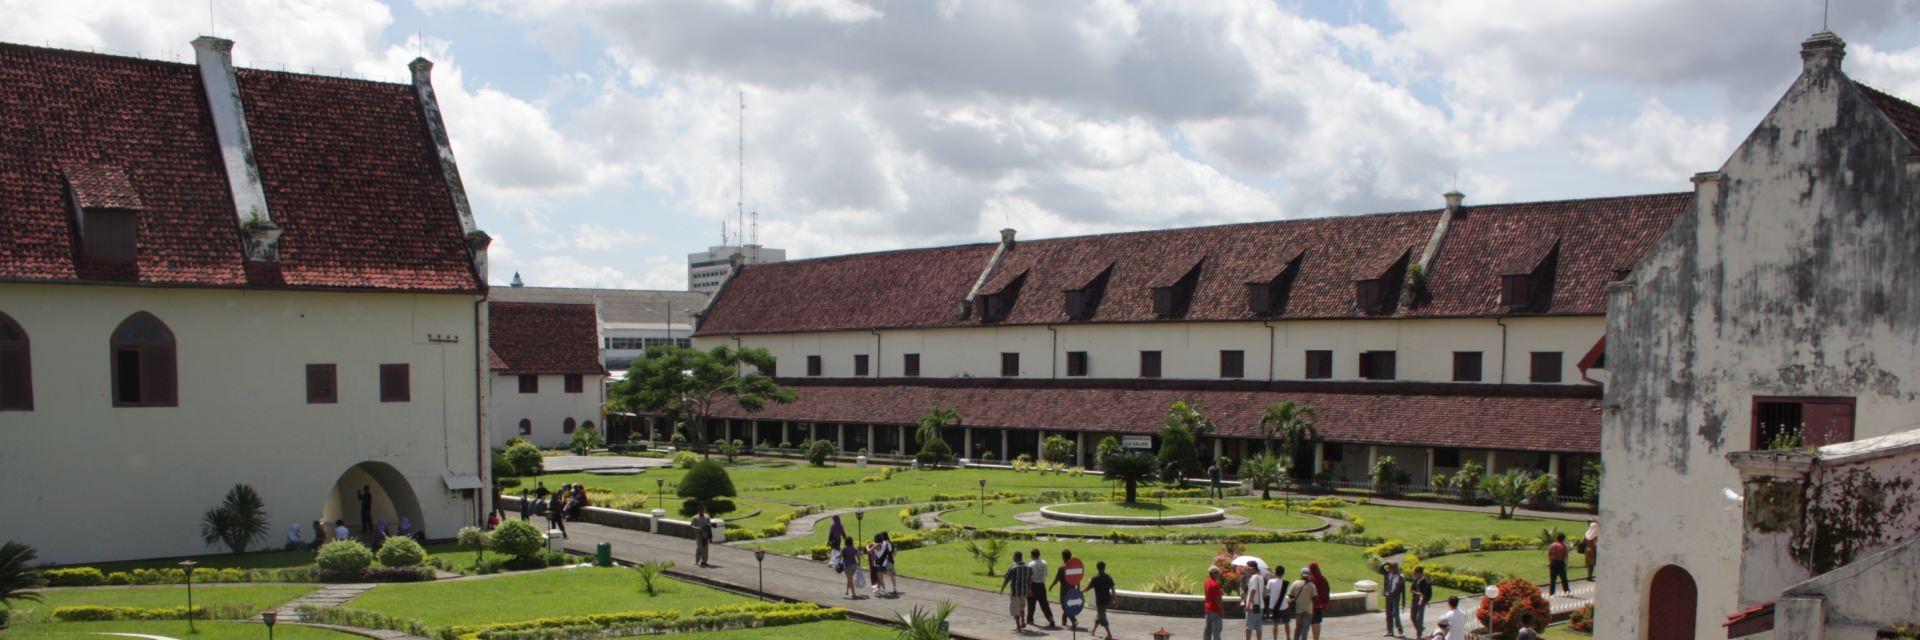 8 Wisata Bangunan Makassar 8 Wisata Bangunan Makassar - Dolan Dolen